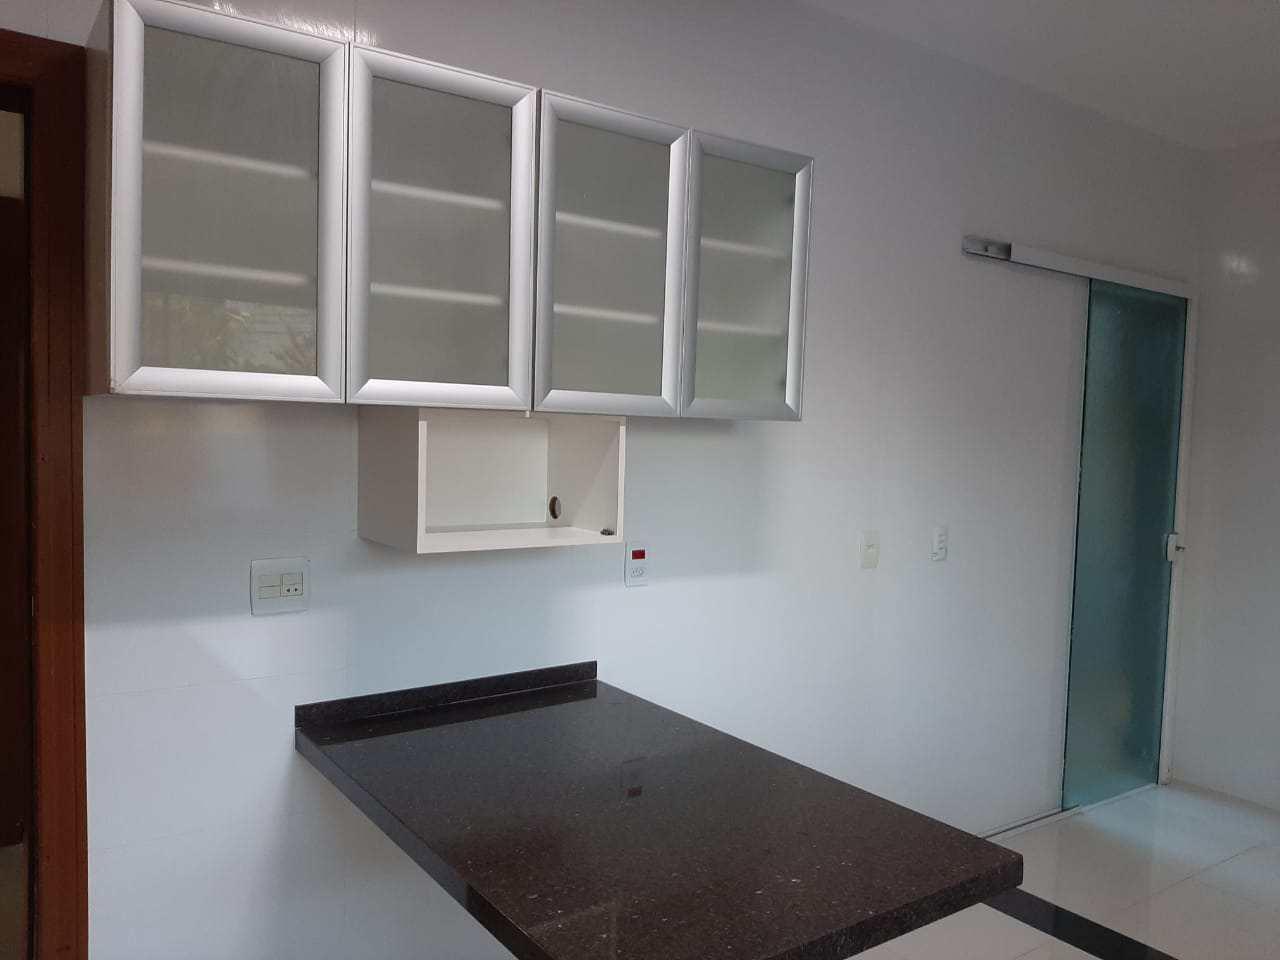 Casa de Condomínio com 4 dorms, Nova Aliança, Ribeirão Preto - R$ 1.25 mi, Cod: 1722311